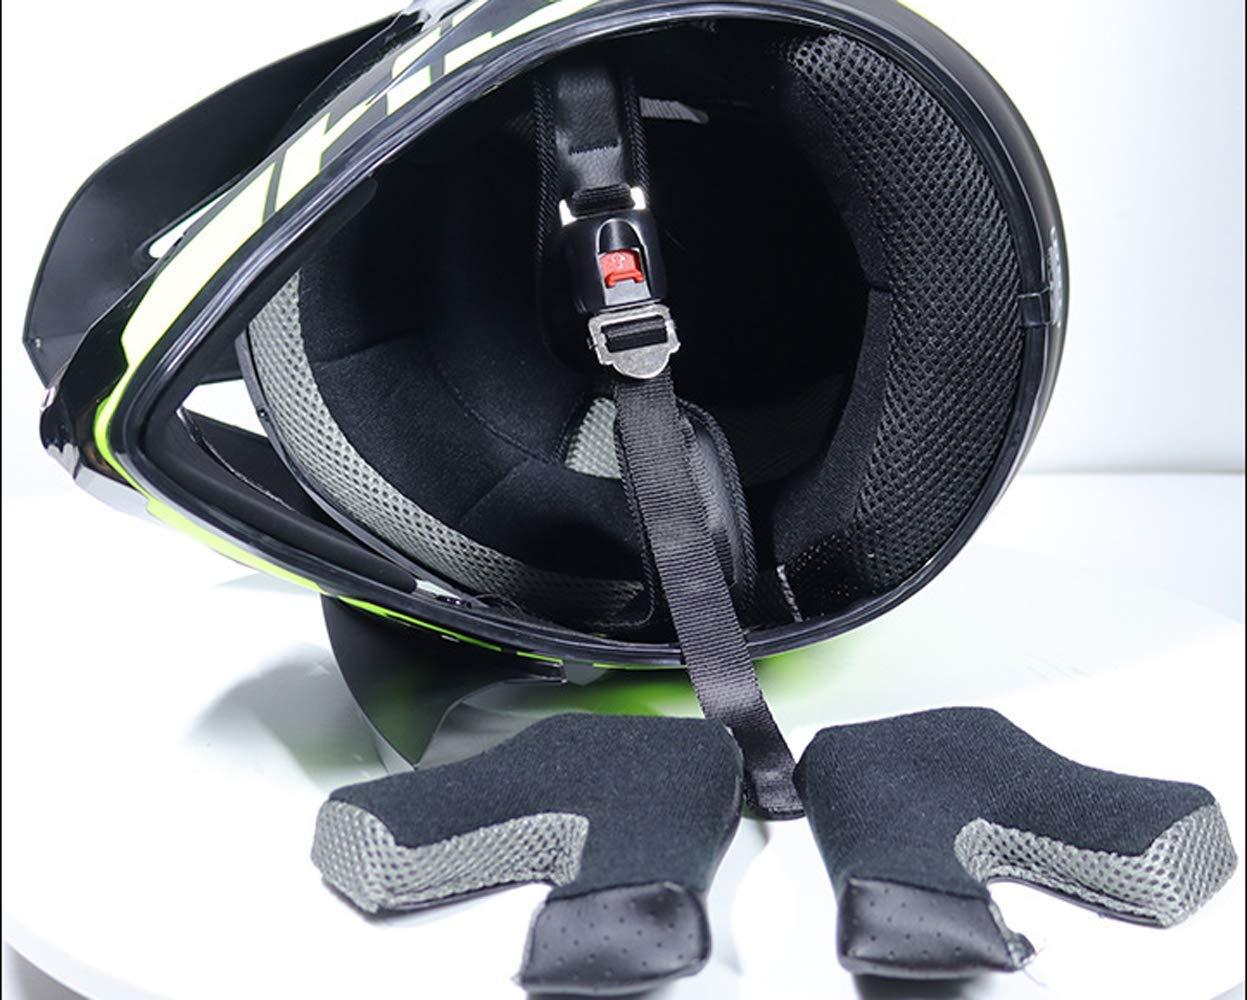 Adult Verhindern Kollisio Motocross Helm MTB Motorradhelm f/ür Damen Herren 5 St/ück Gnohnay Motorrad Crosshelm mit Brille